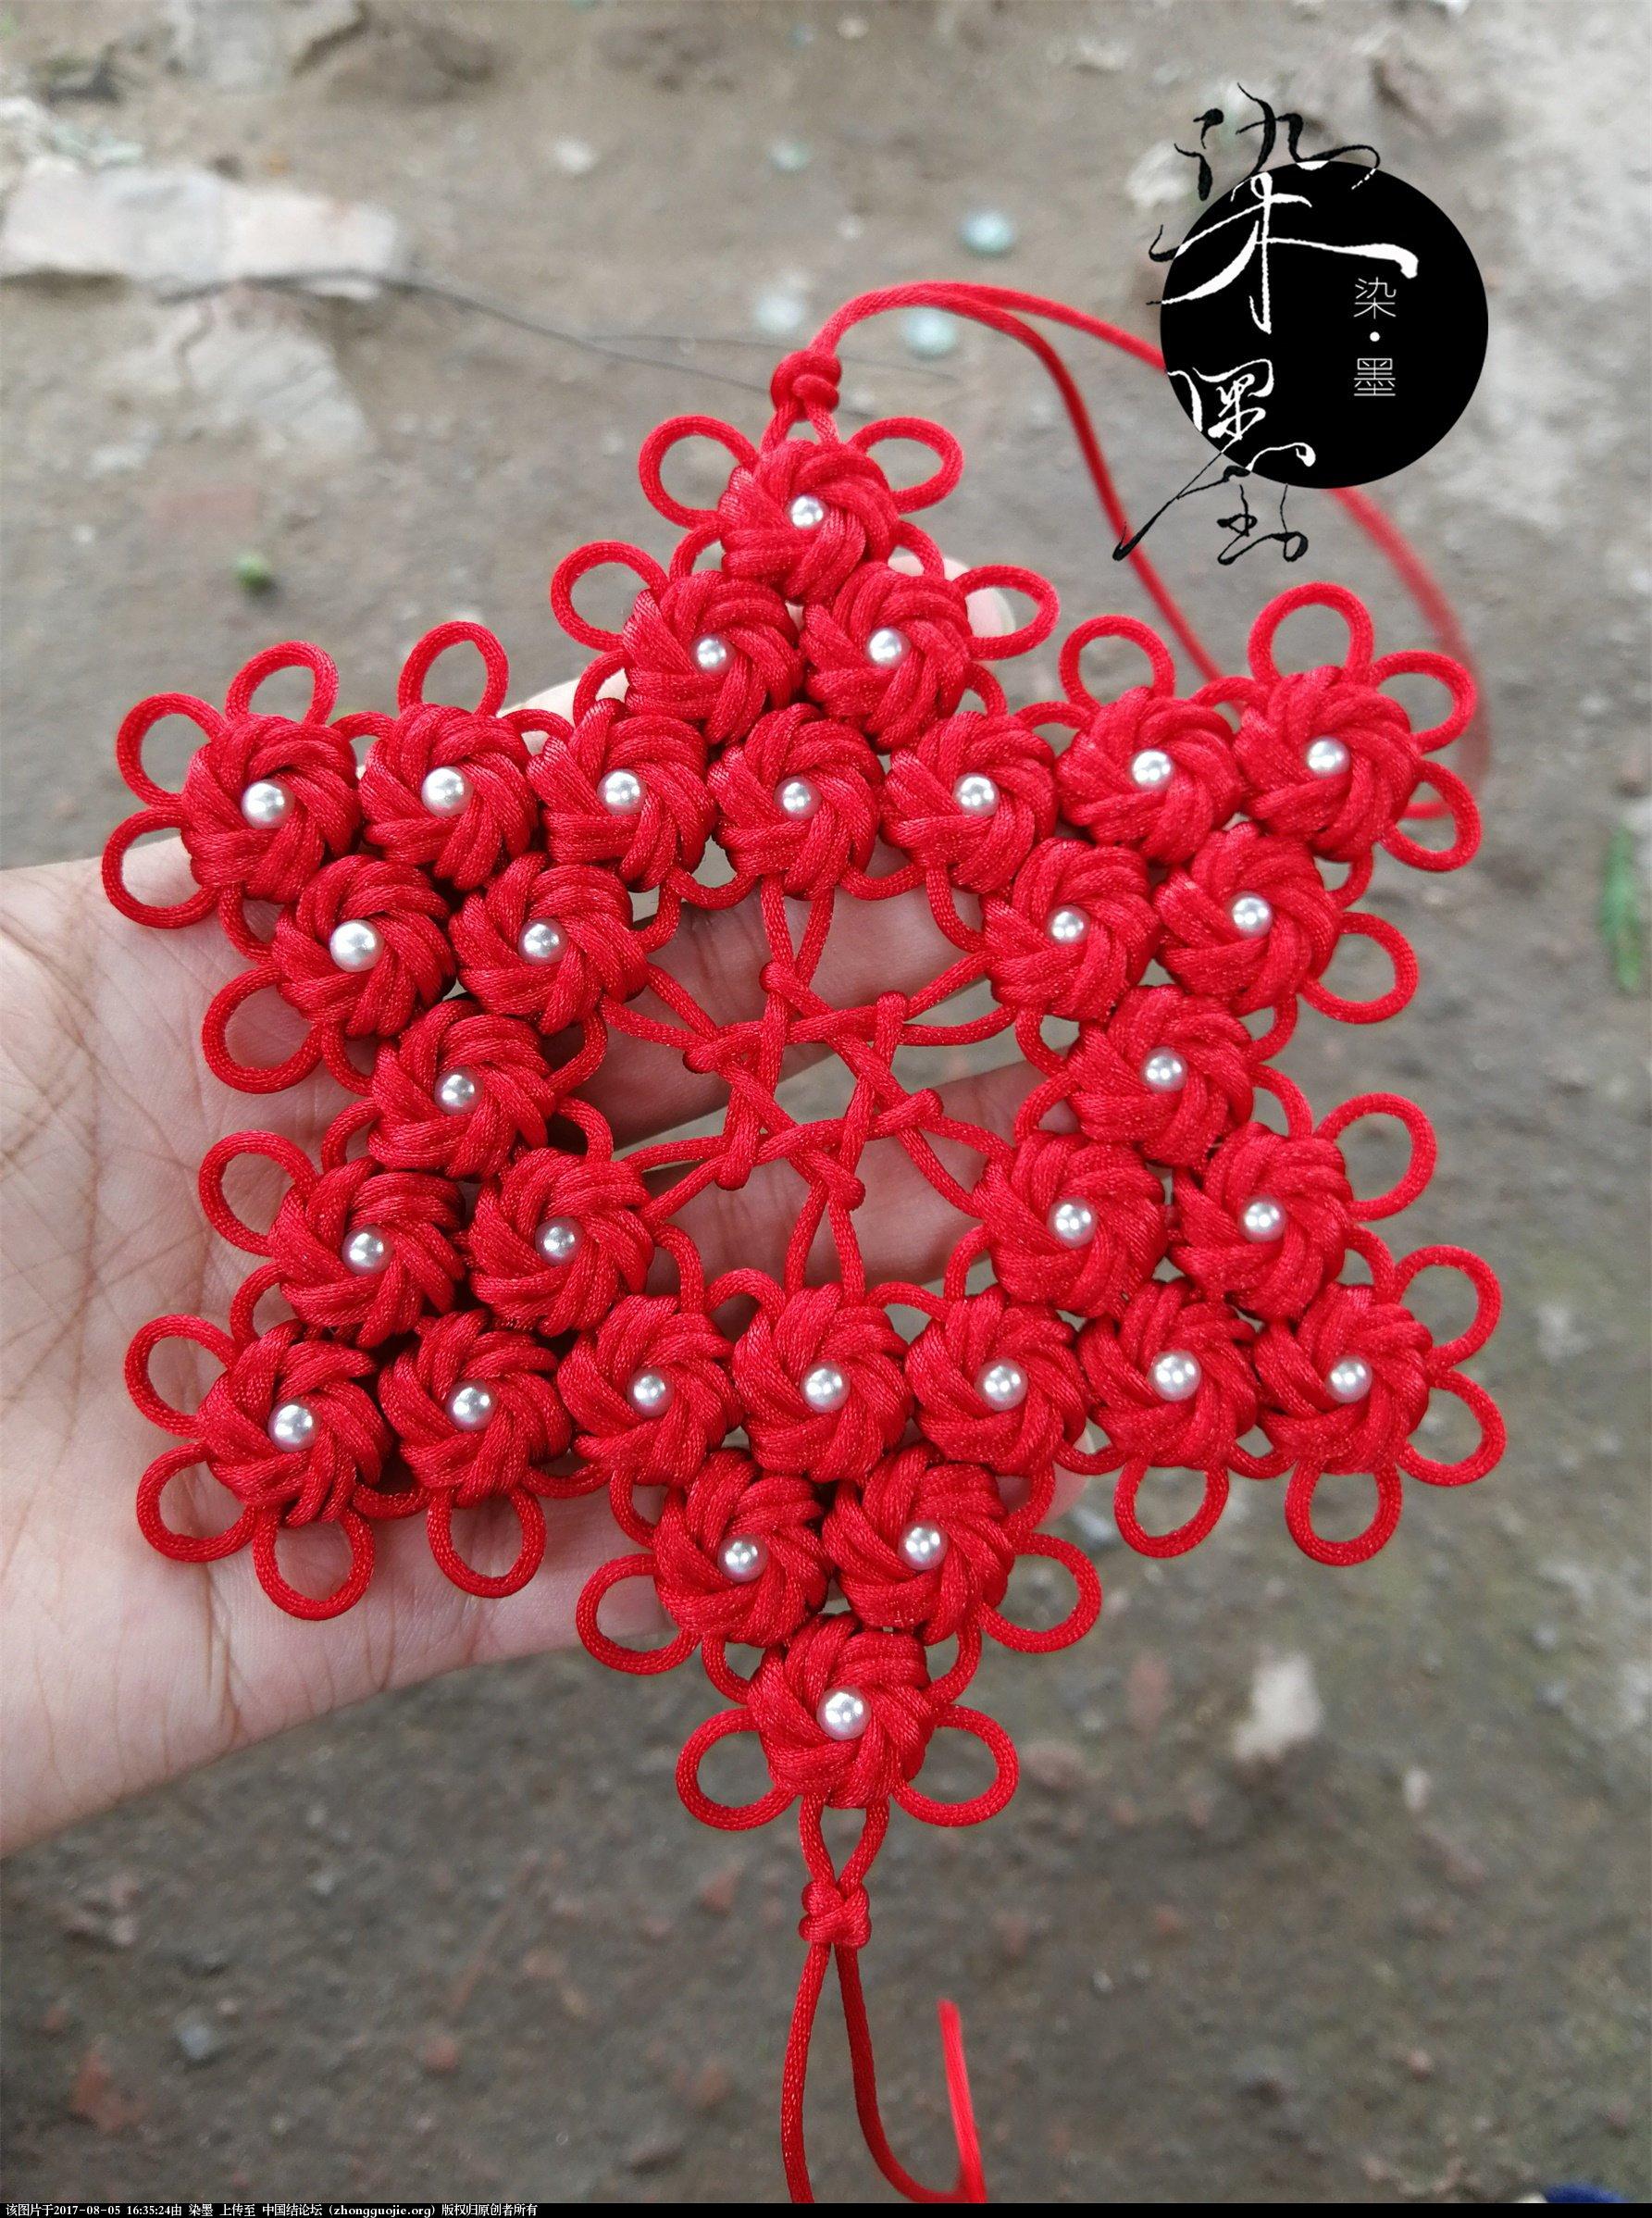 中国结论坛 吉星双耀—团锦冰花镂空六芒星  作品展示 163255zrreeerr88reur8e